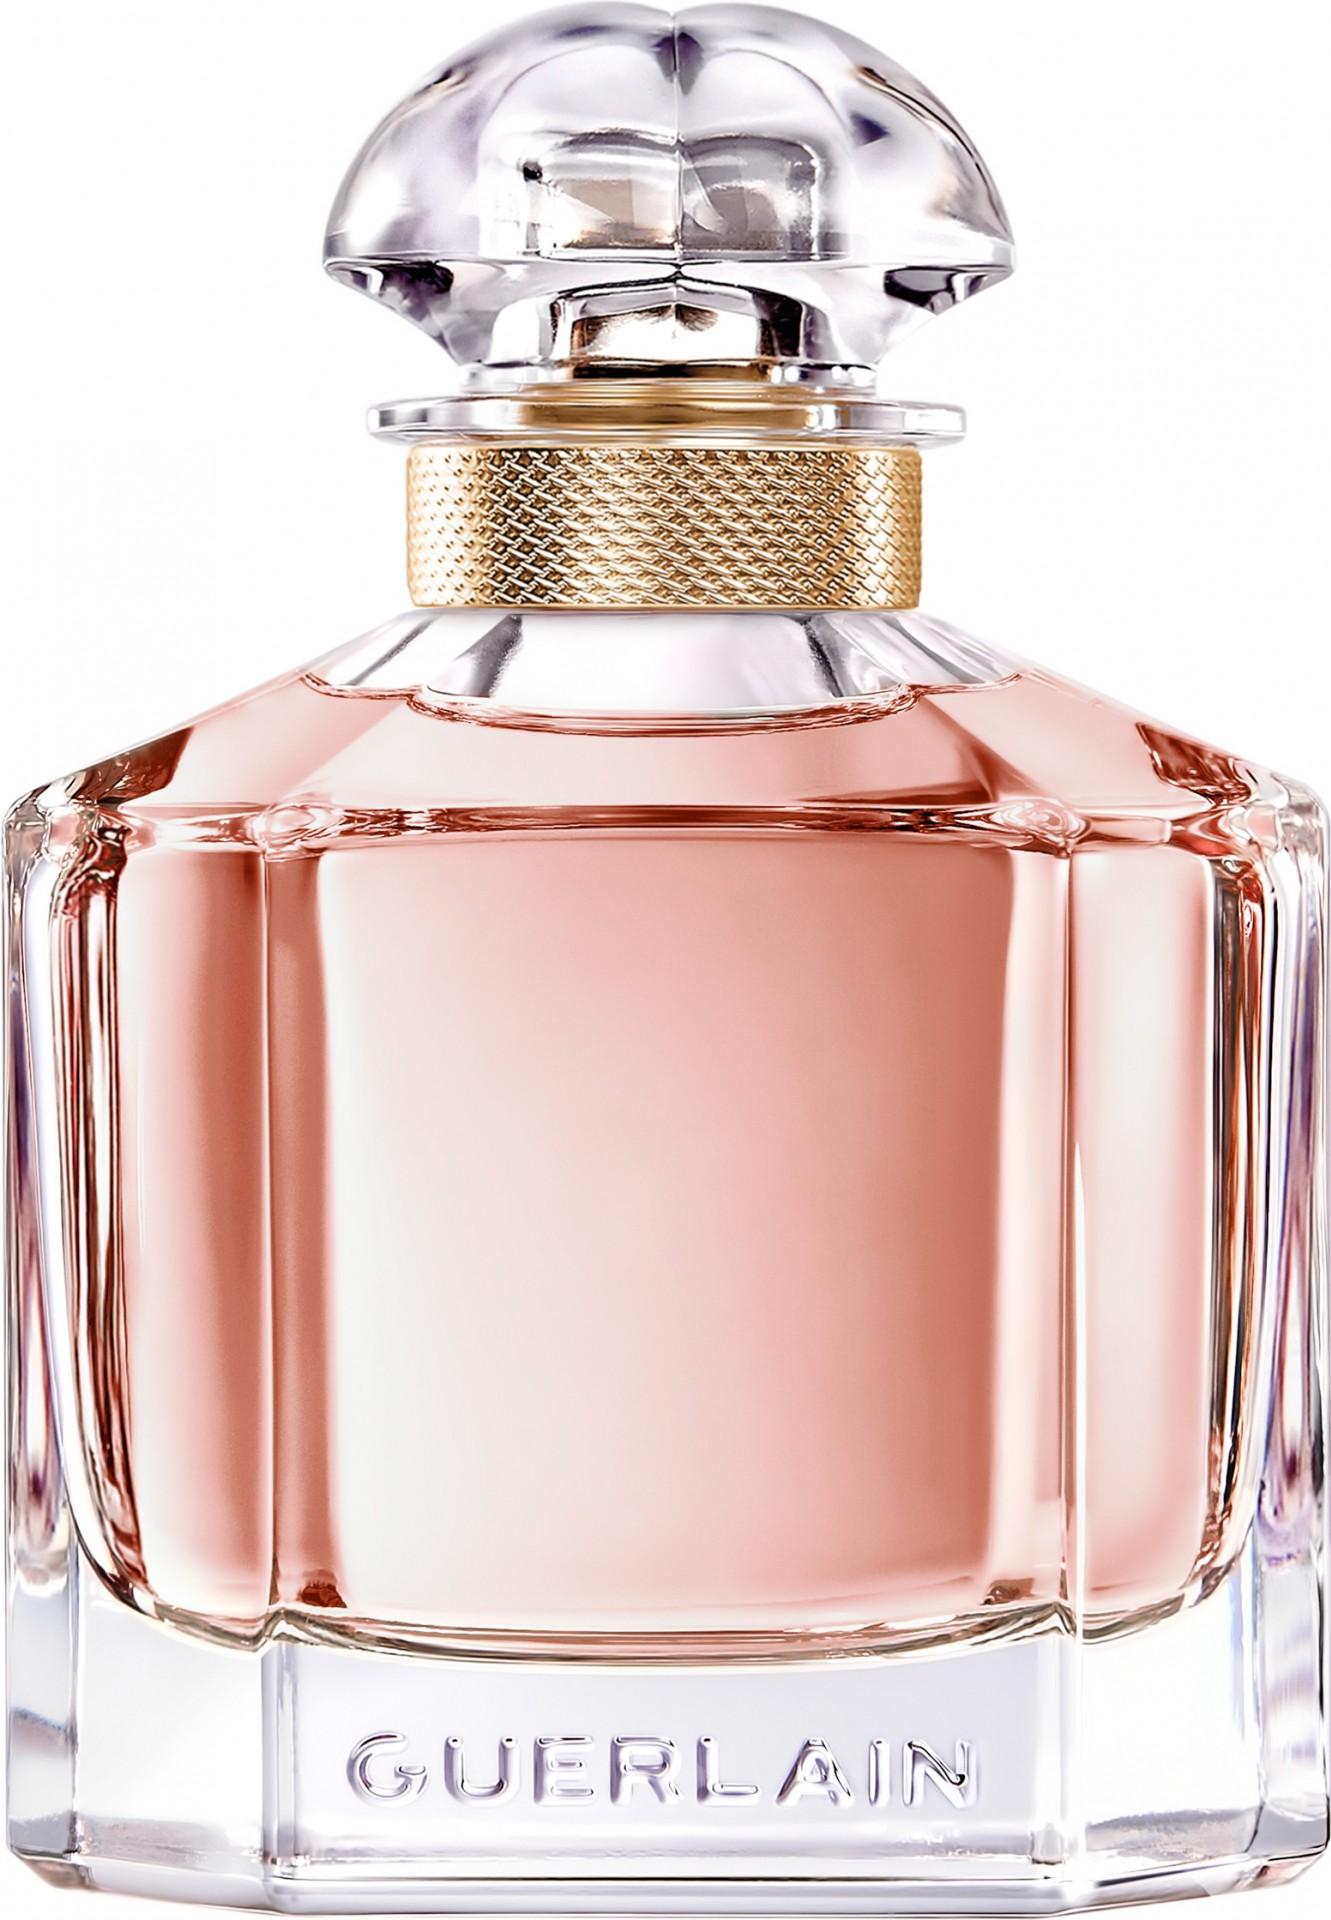 Guerlain Mon Guerlain Edp 50 Ml Kadın Parfüm Parfümbank Orjinal